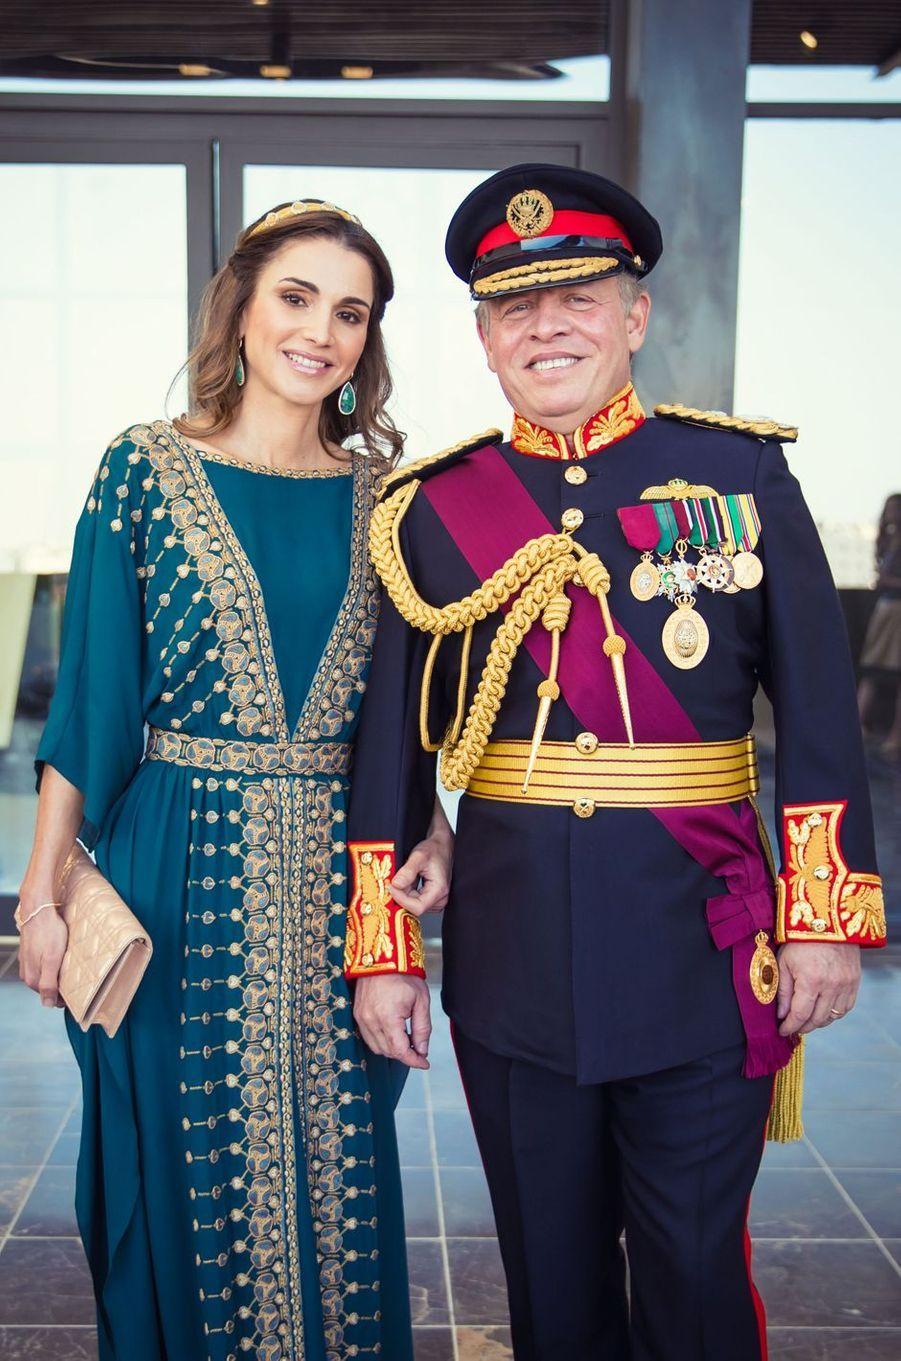 La reine Rania de Jordanie avec le roi Abdallah II à Amman, le 2 juin 2016